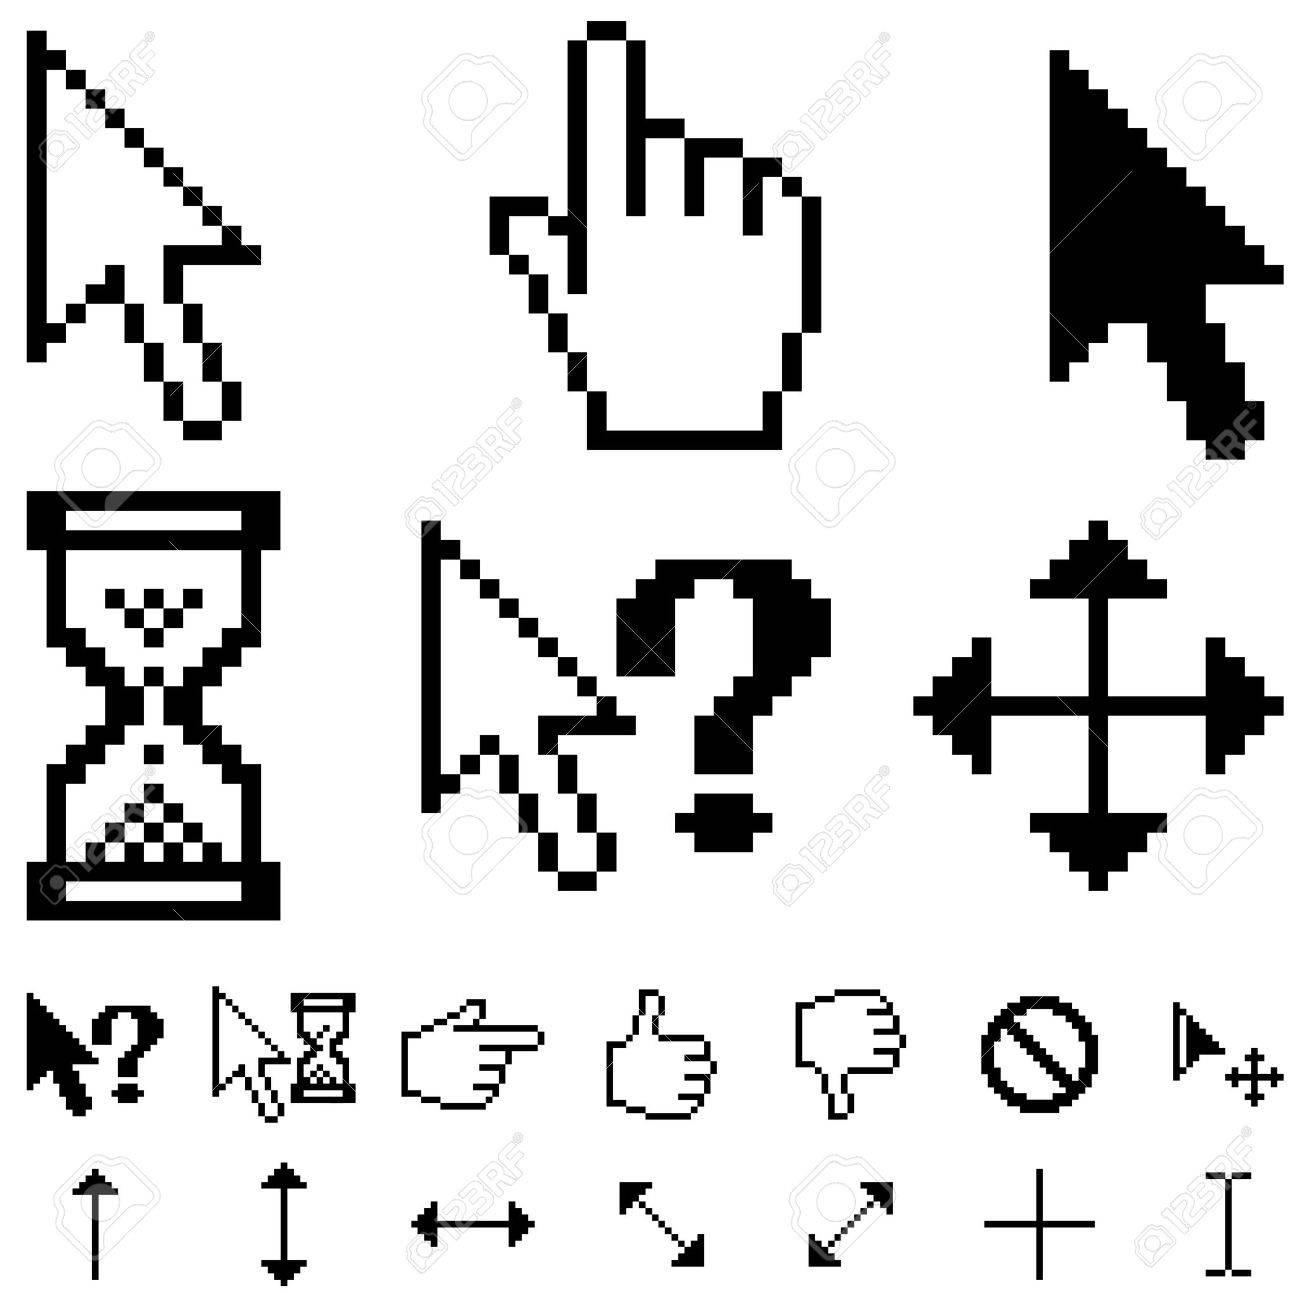 Как поменять курсор мыши на виндовс 7 с помощью контекстного меню